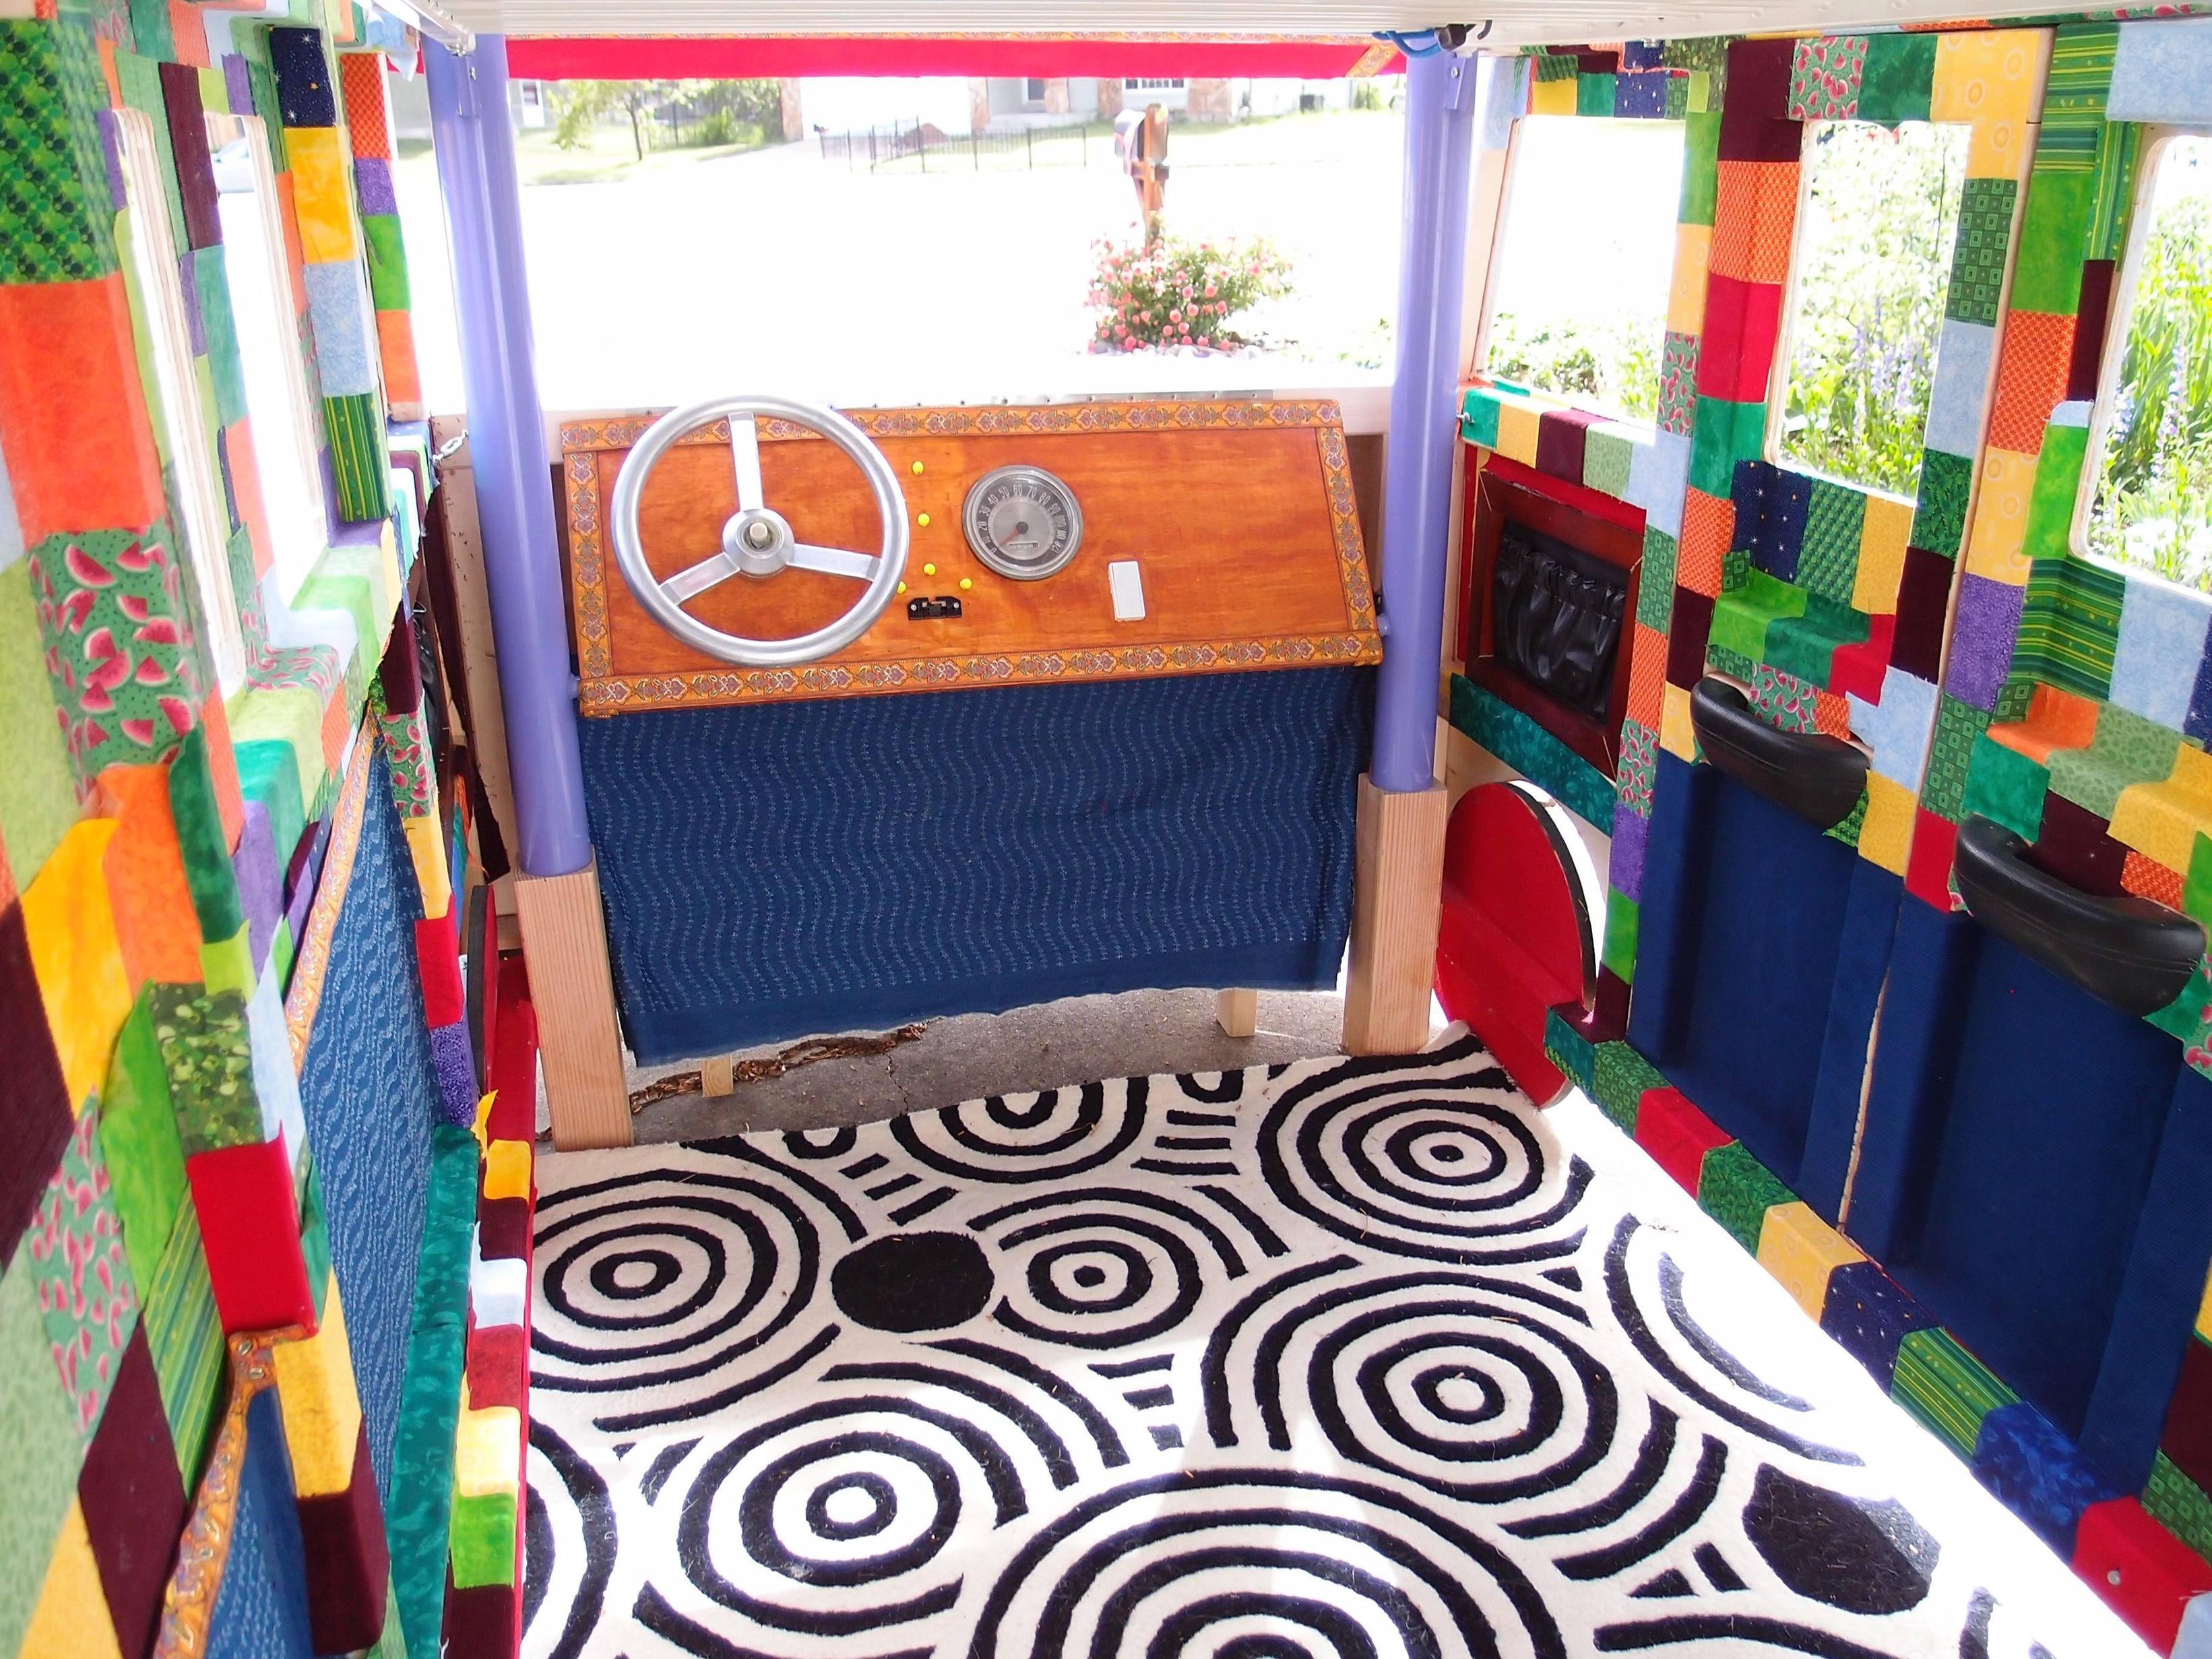 audi a7 s line. Black Bedroom Furniture Sets. Home Design Ideas